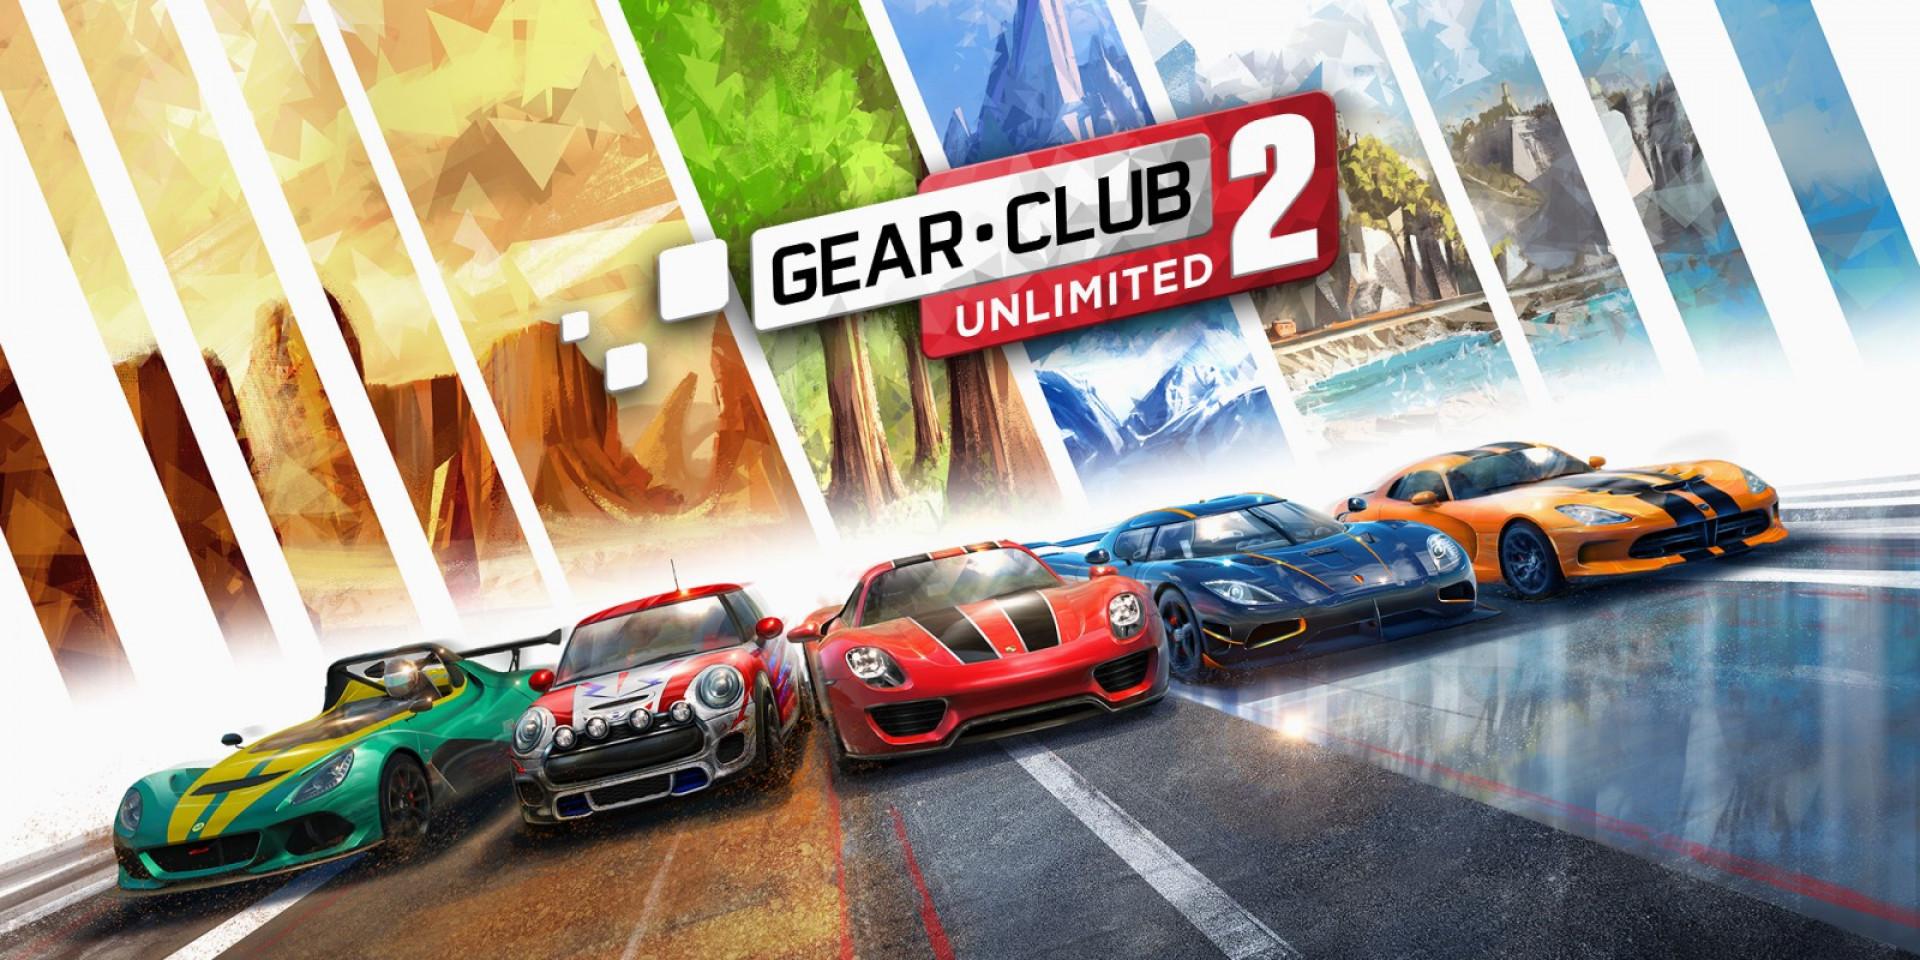 gear-club.jpg